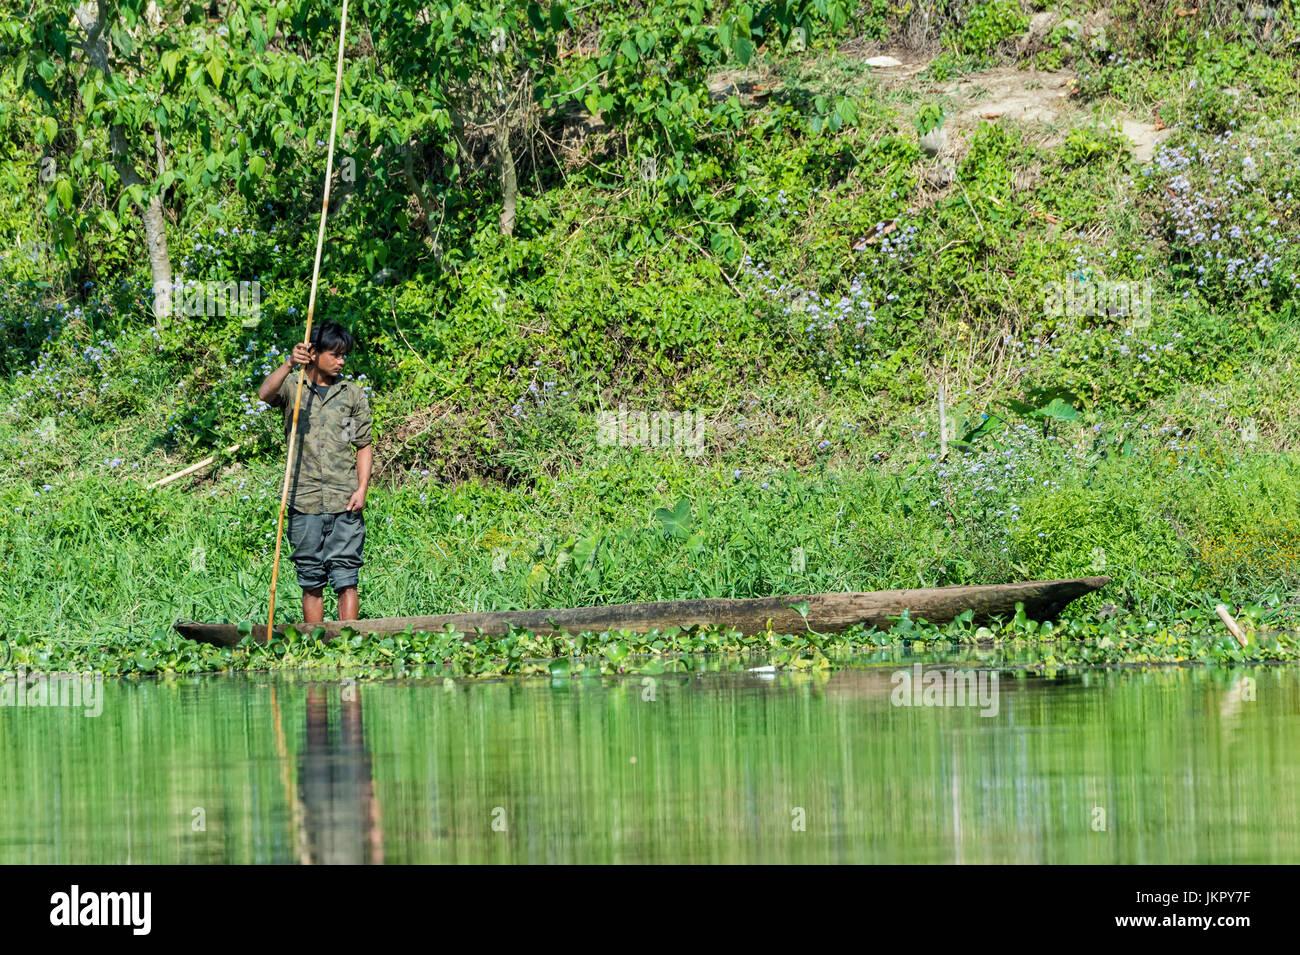 Pêcheur sur sa pirogue népalaise, pour un usage éditorial uniquement, district de Chitwan, Népal Photo Stock